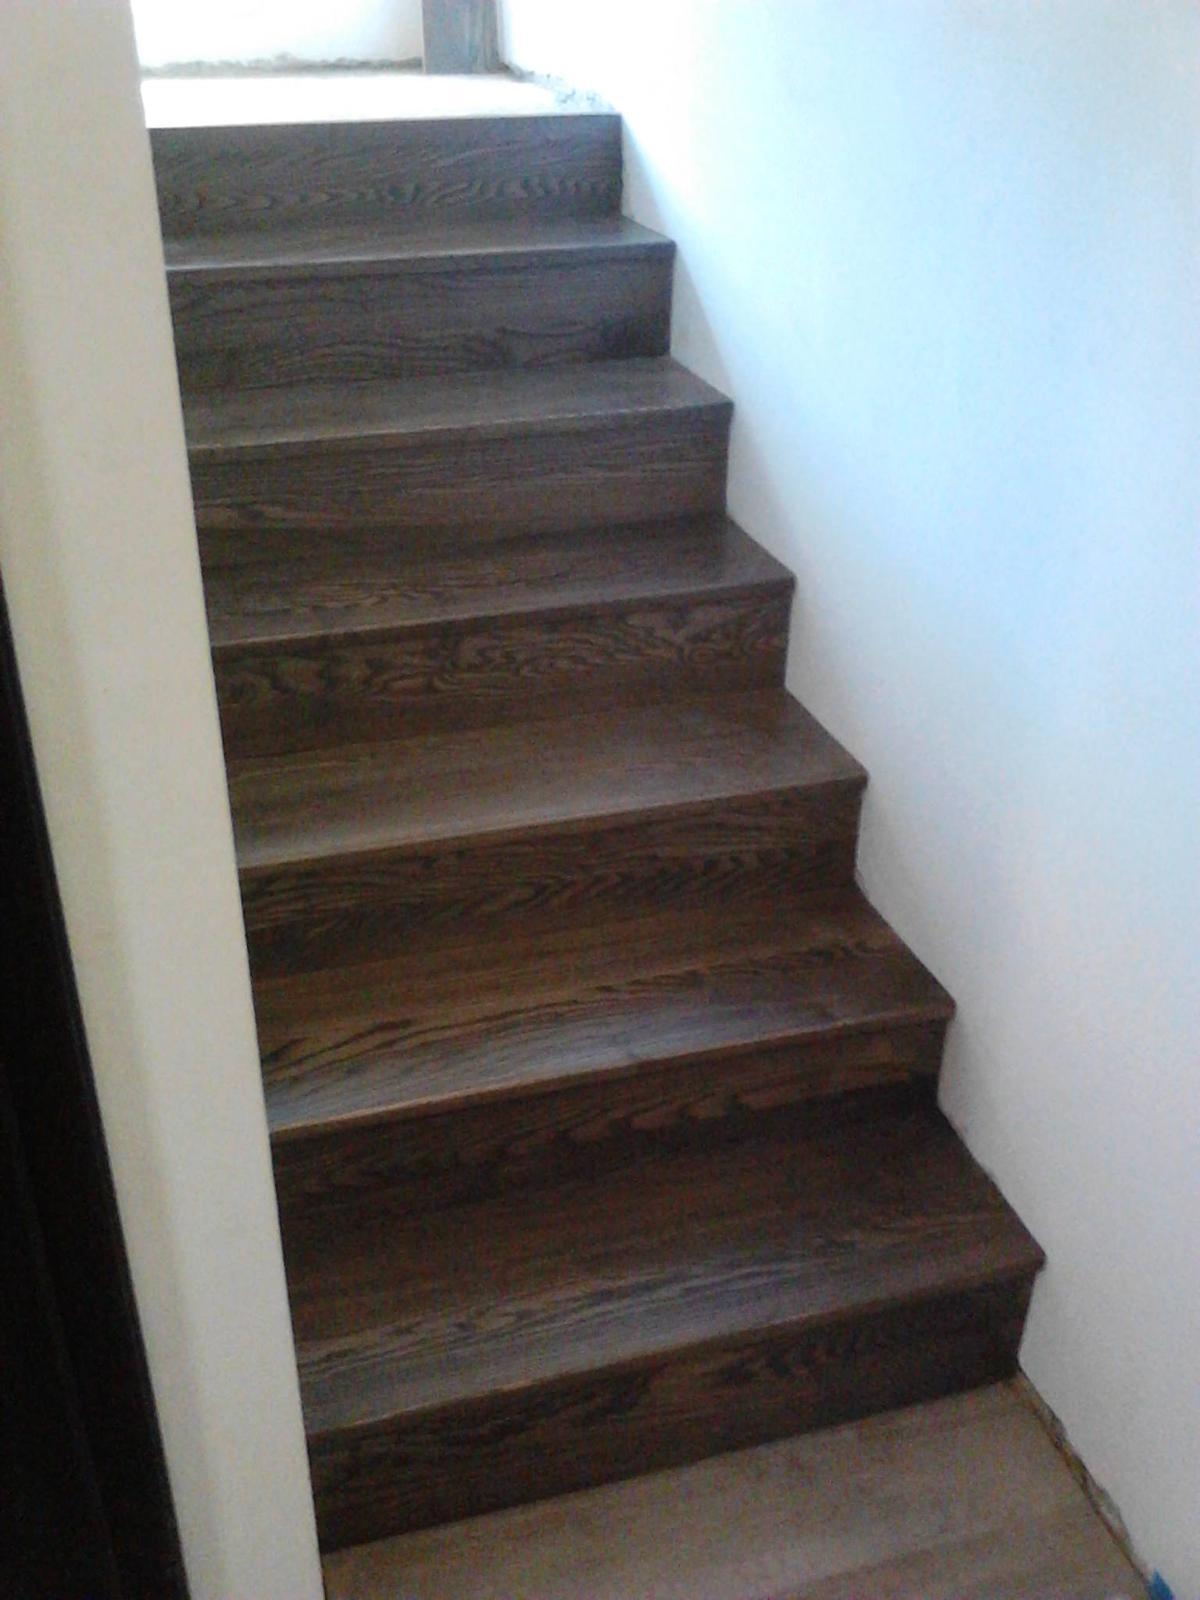 schody  - Obrázok č. 2